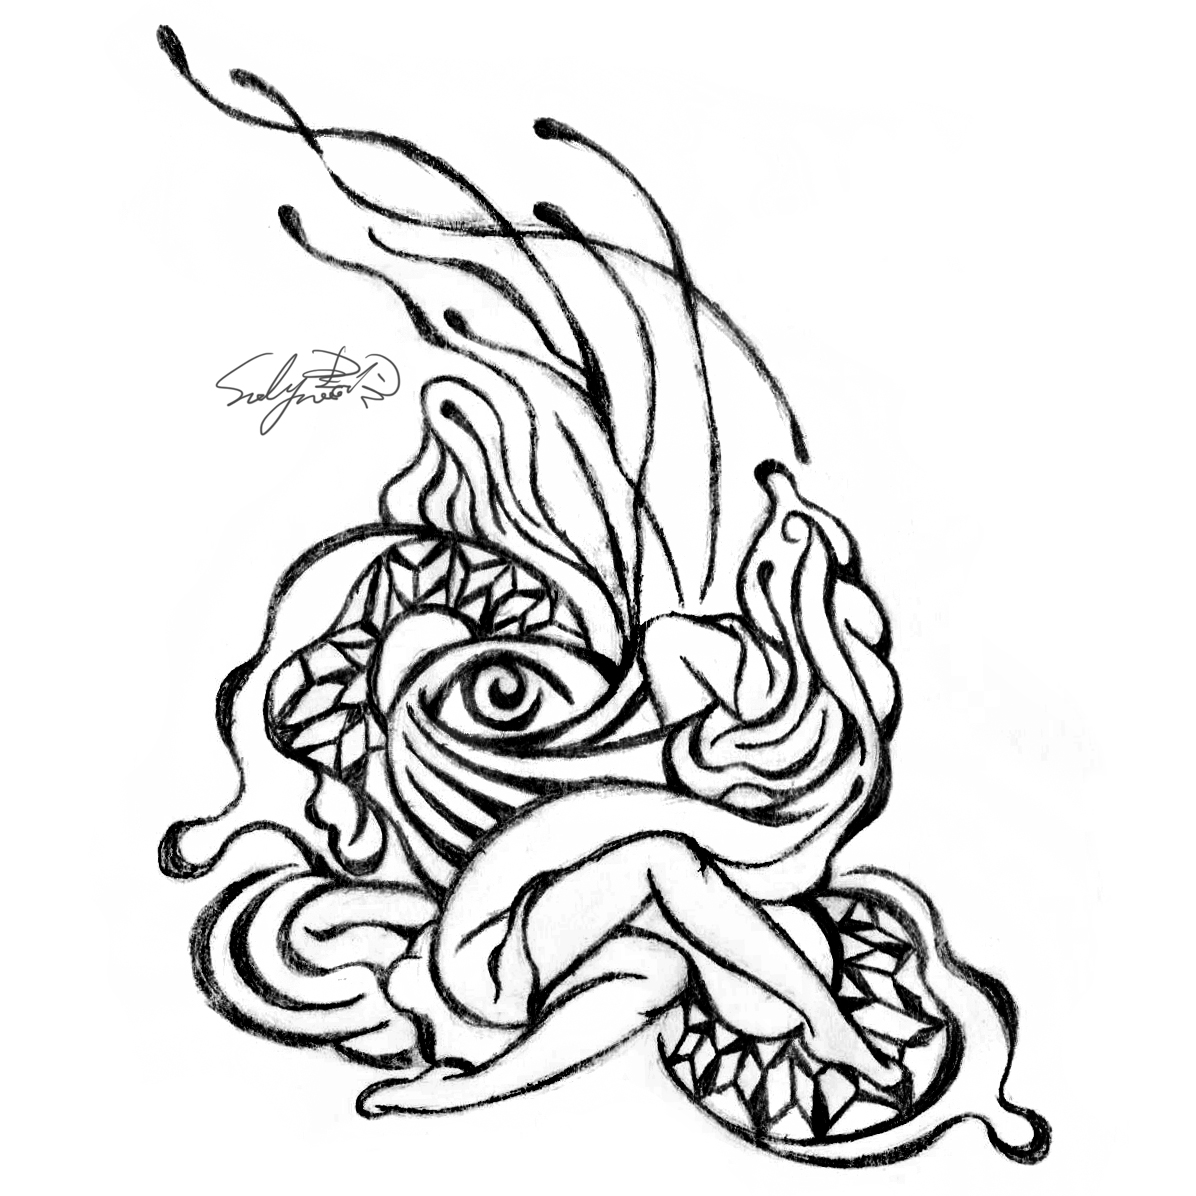 suelynee drawing 何書伶